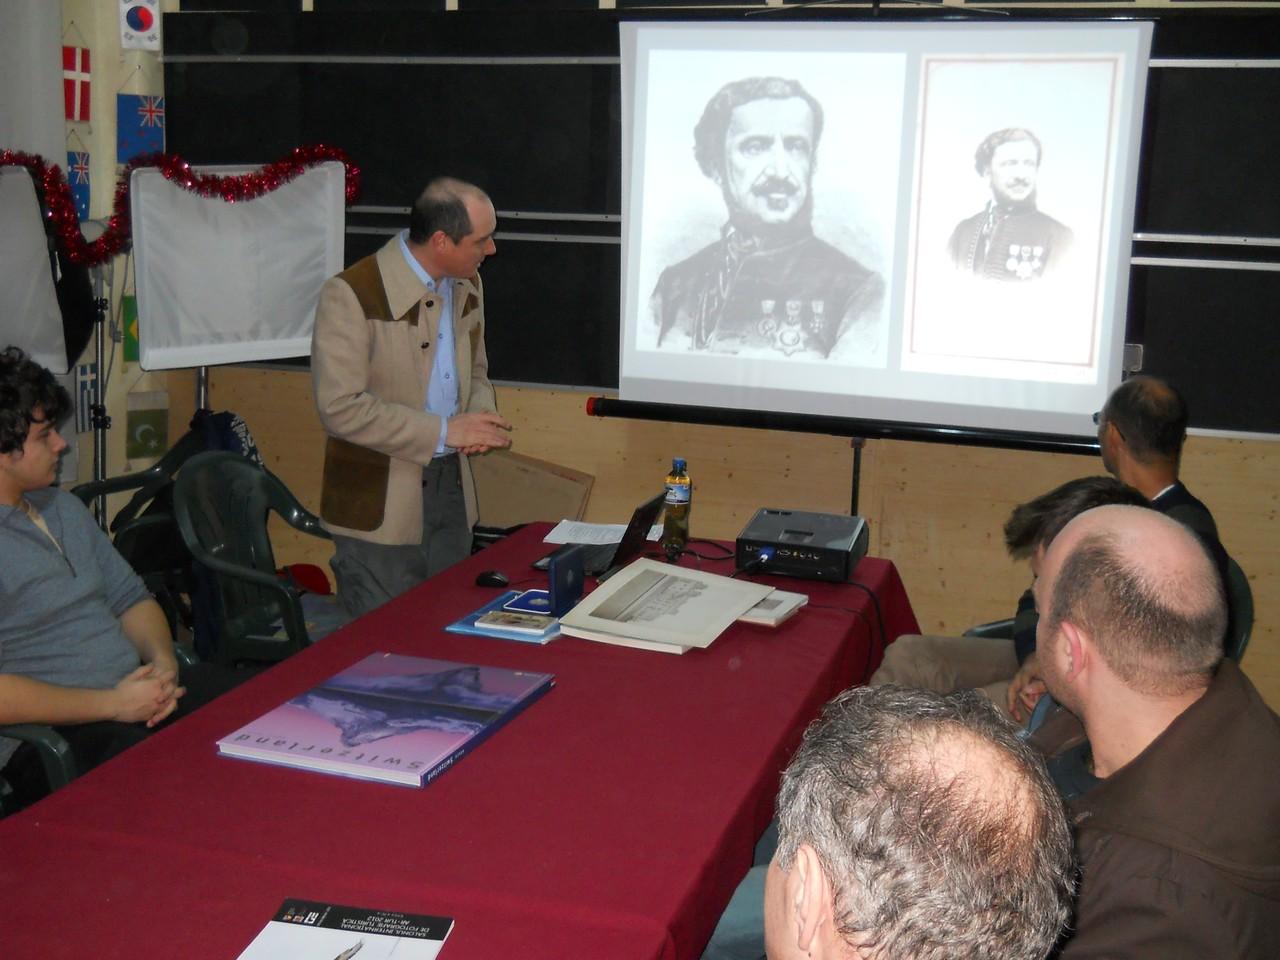 Eléadás Szathmári Pap Károlyról a Nagyváradi Fotóklub Fekete Sas Palotai székhelyén 2013 január 30-án